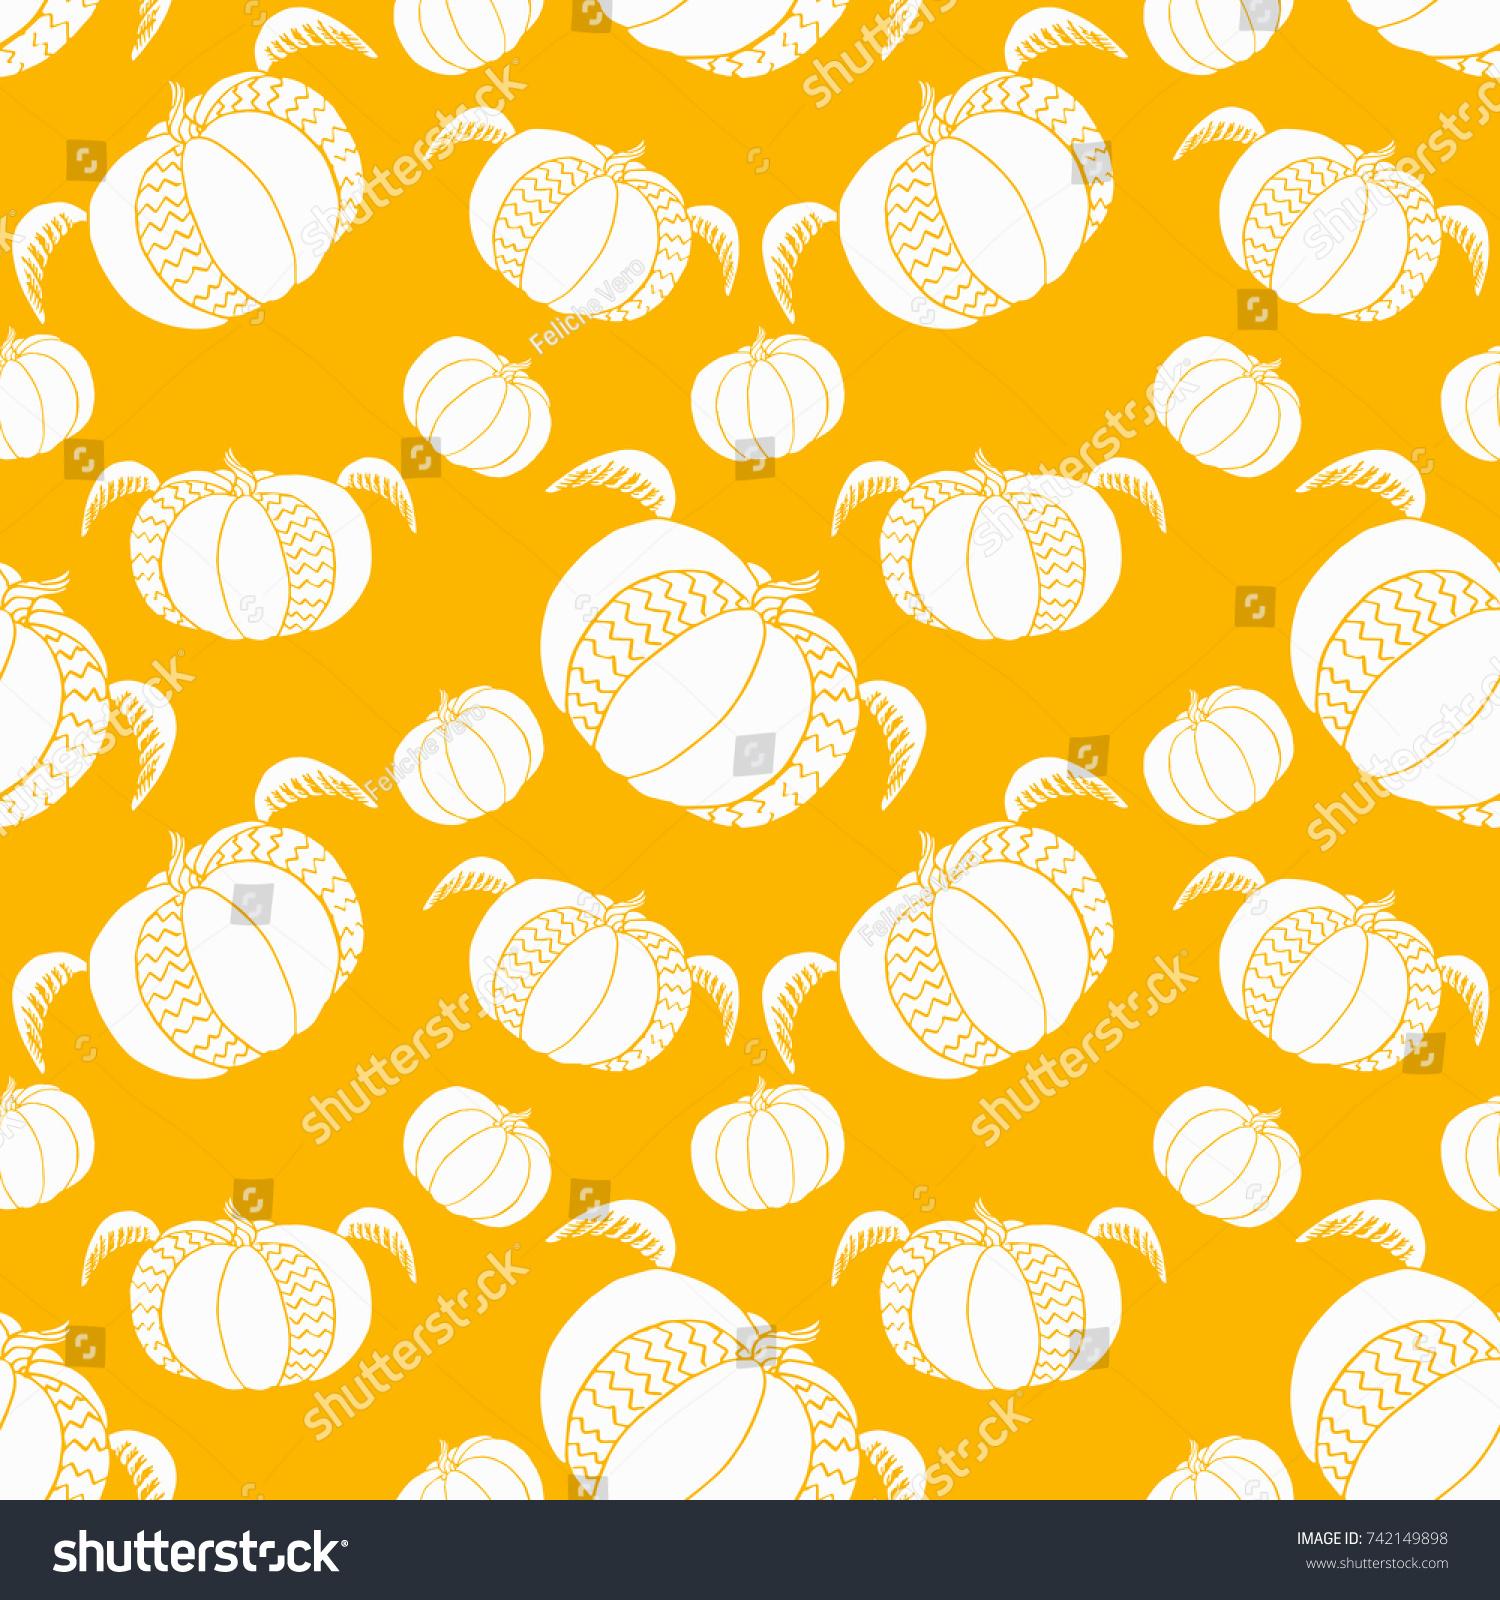 pumpkin seamless pattern cute fun halloween stock vector 742149898